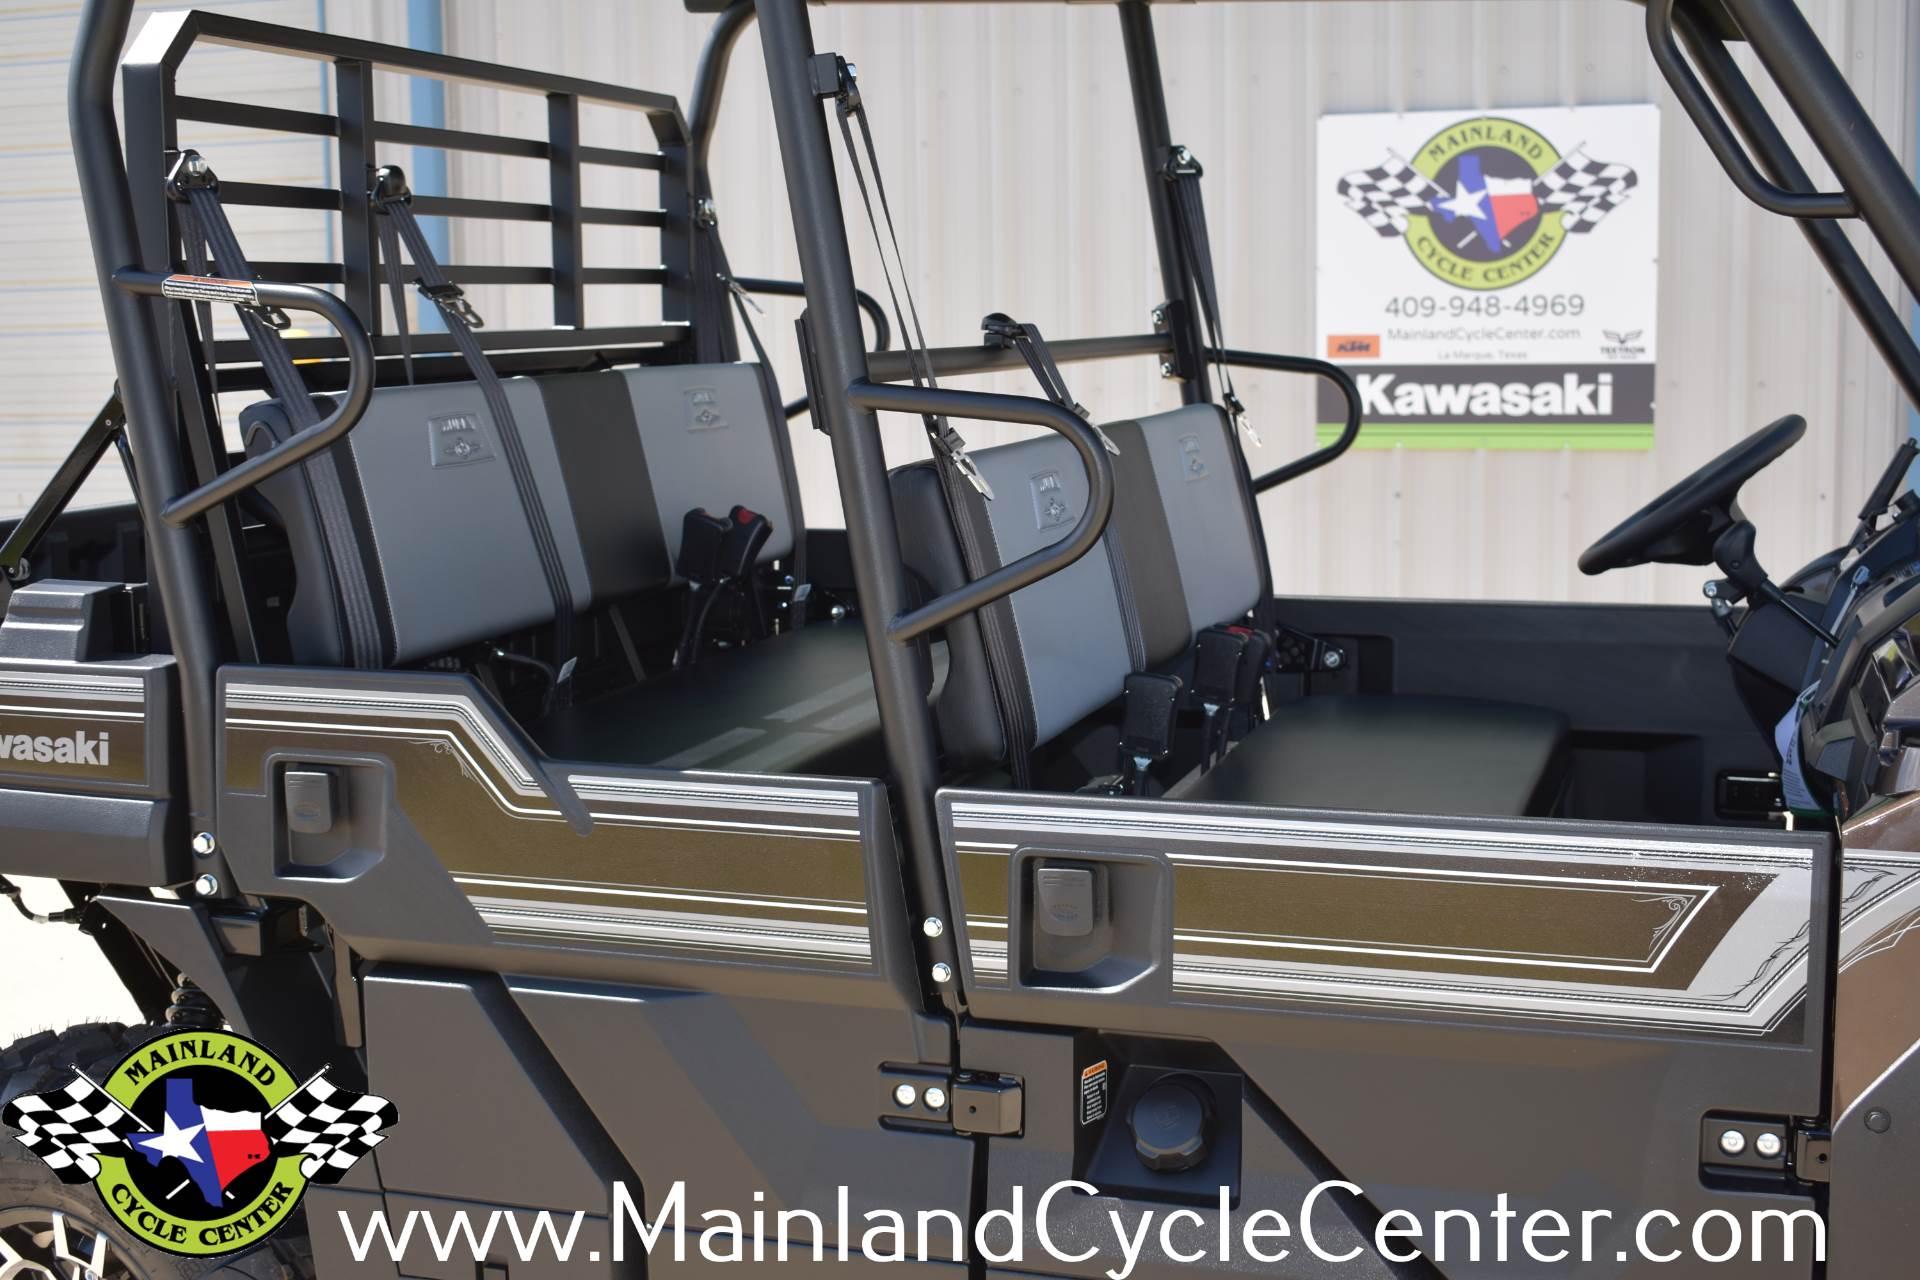 2020 Kawasaki Mule PRO-FXT Ranch Edition 10